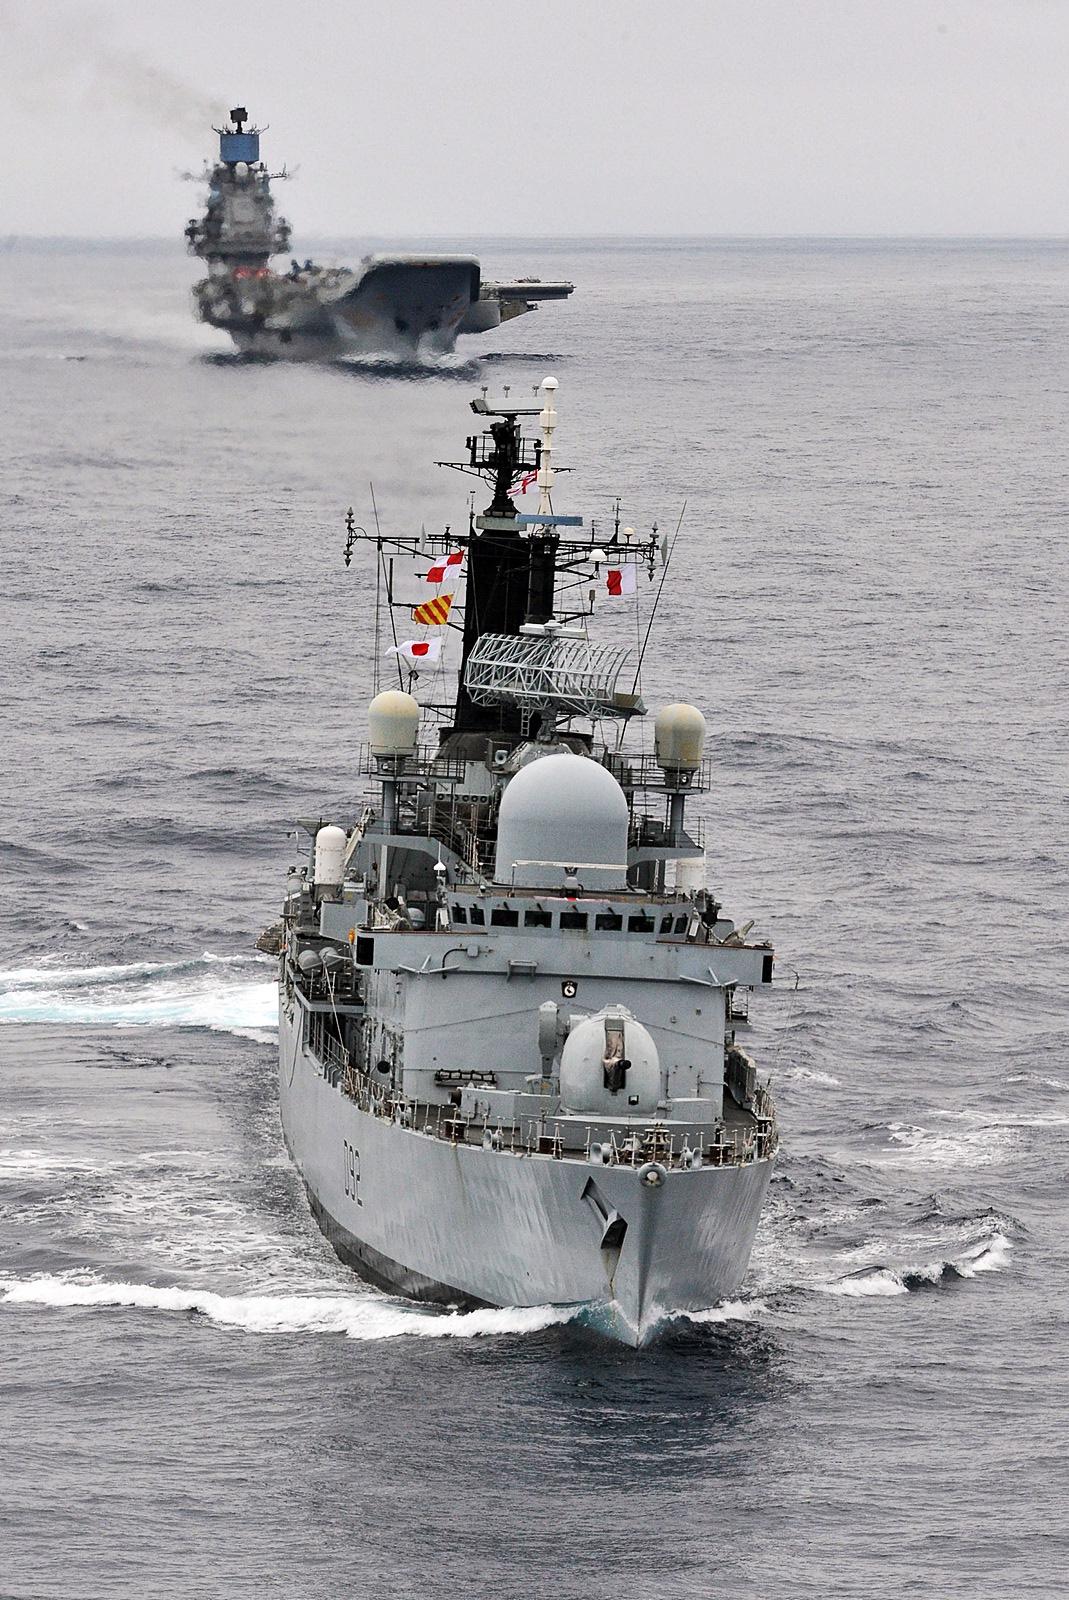 러시아항모 Admiral Kuznetsov함을 추적하는 영..